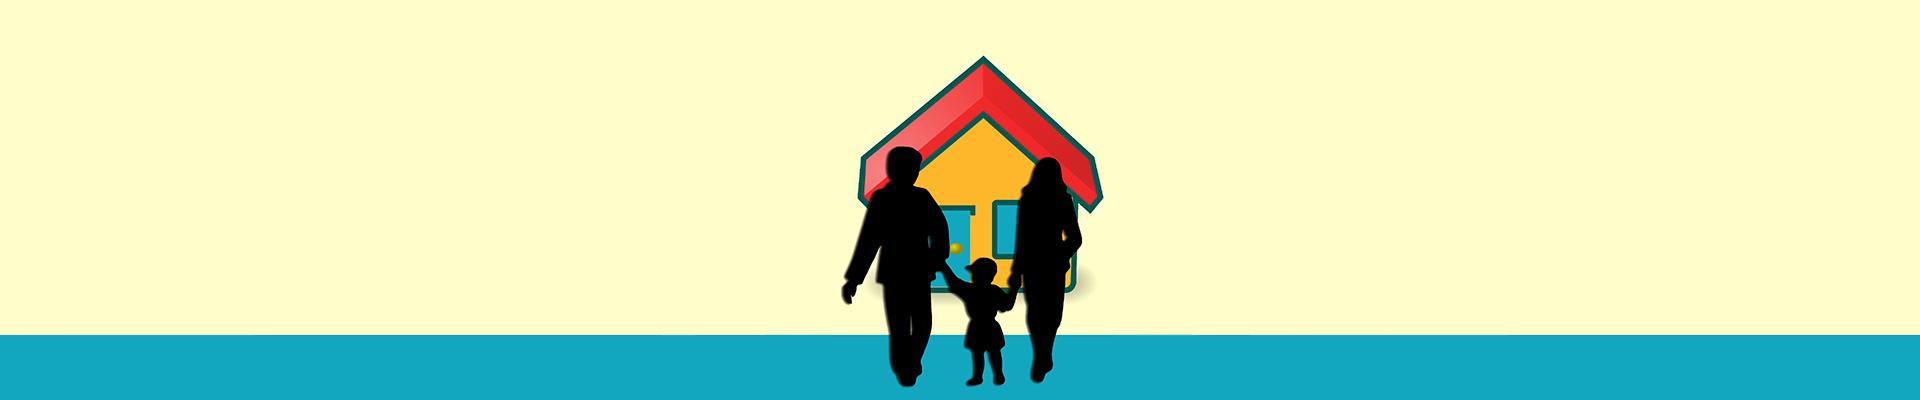 Gyermekeim életútját felelősen támogatom? Lakáscélú megtakarítások